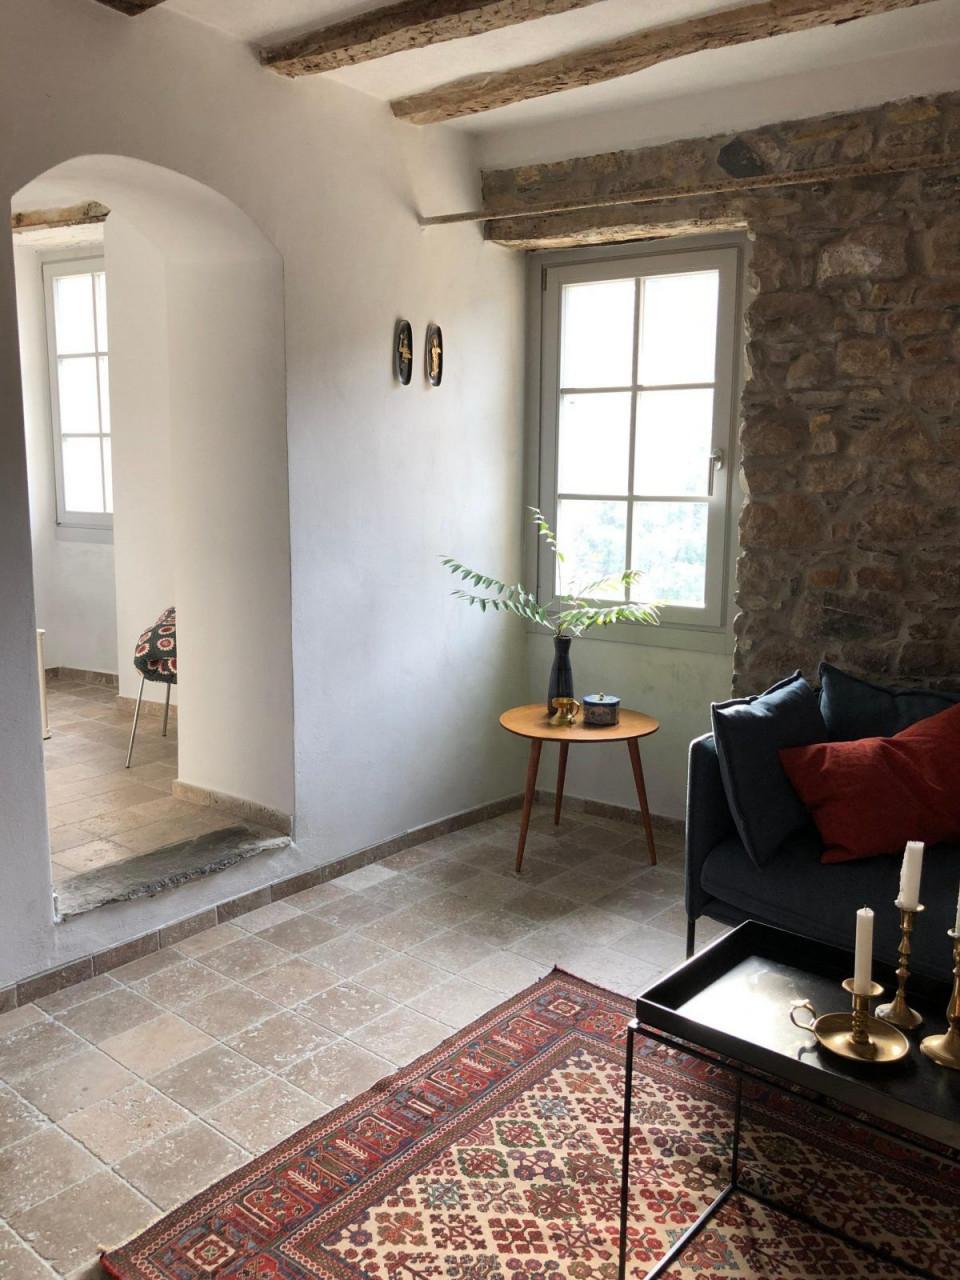 Wohnzimmer Renovieren Ideen Bilder Haus Bauen Renovieren von Wohnzimmer Renovieren Ideen Bild